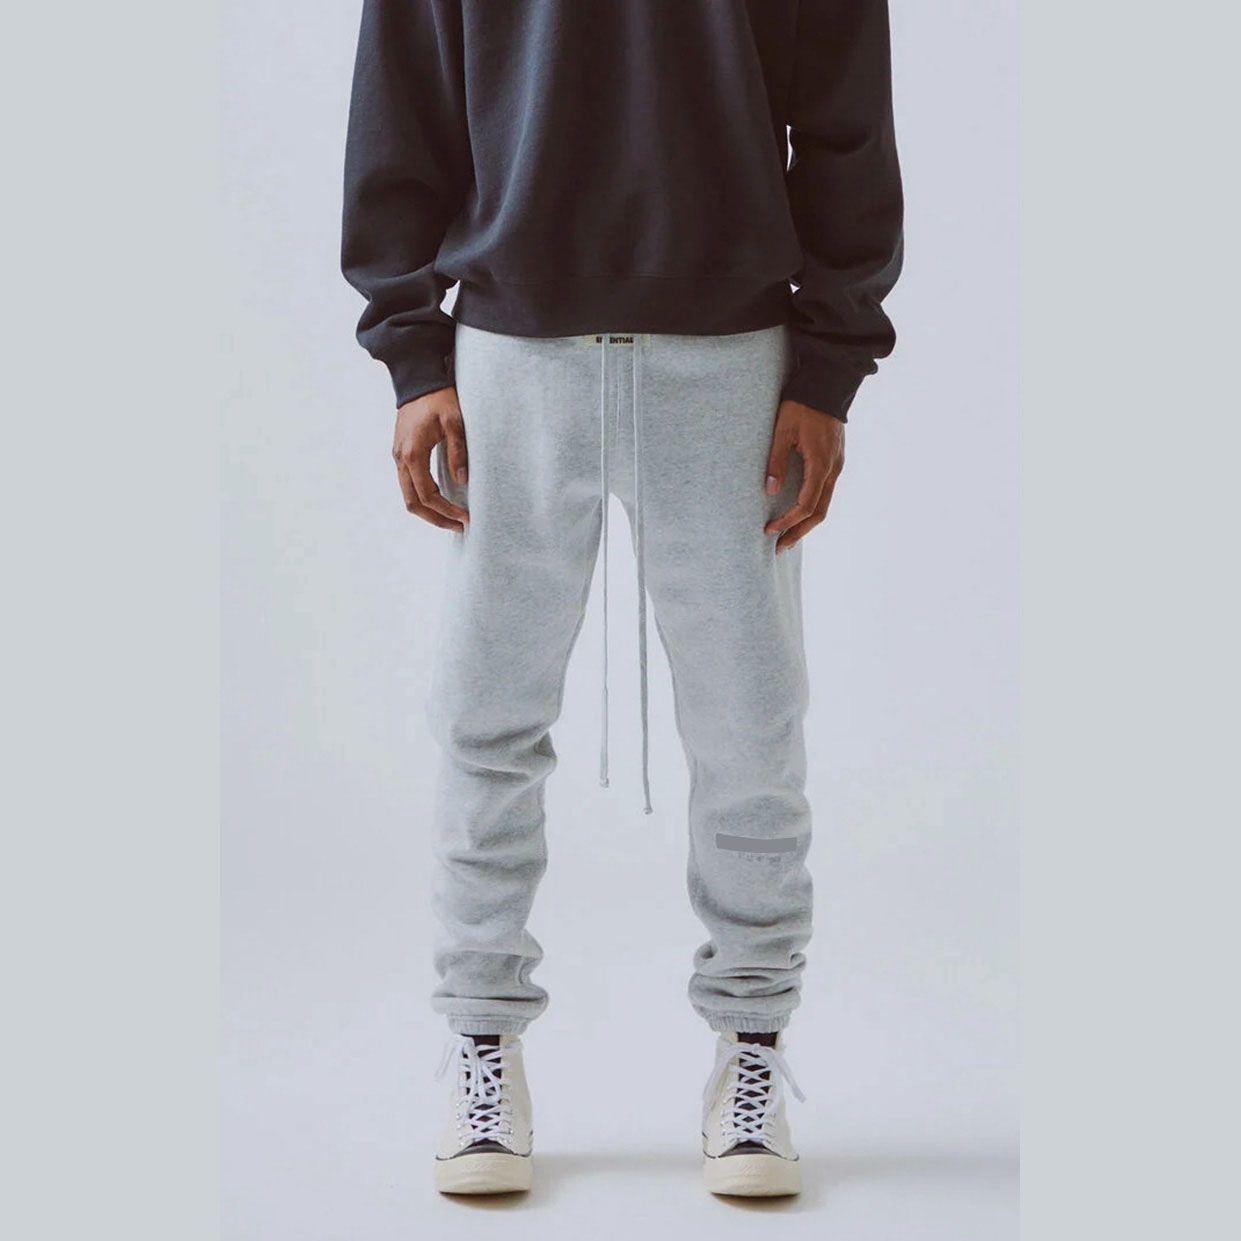 Exxxxtial мужские Sweatpant Модные Hiphop Бегуны с Letter Pattern Мальчики Нью-2020 Осень Брюки Повседневный Drawstring выбивая Tackpants